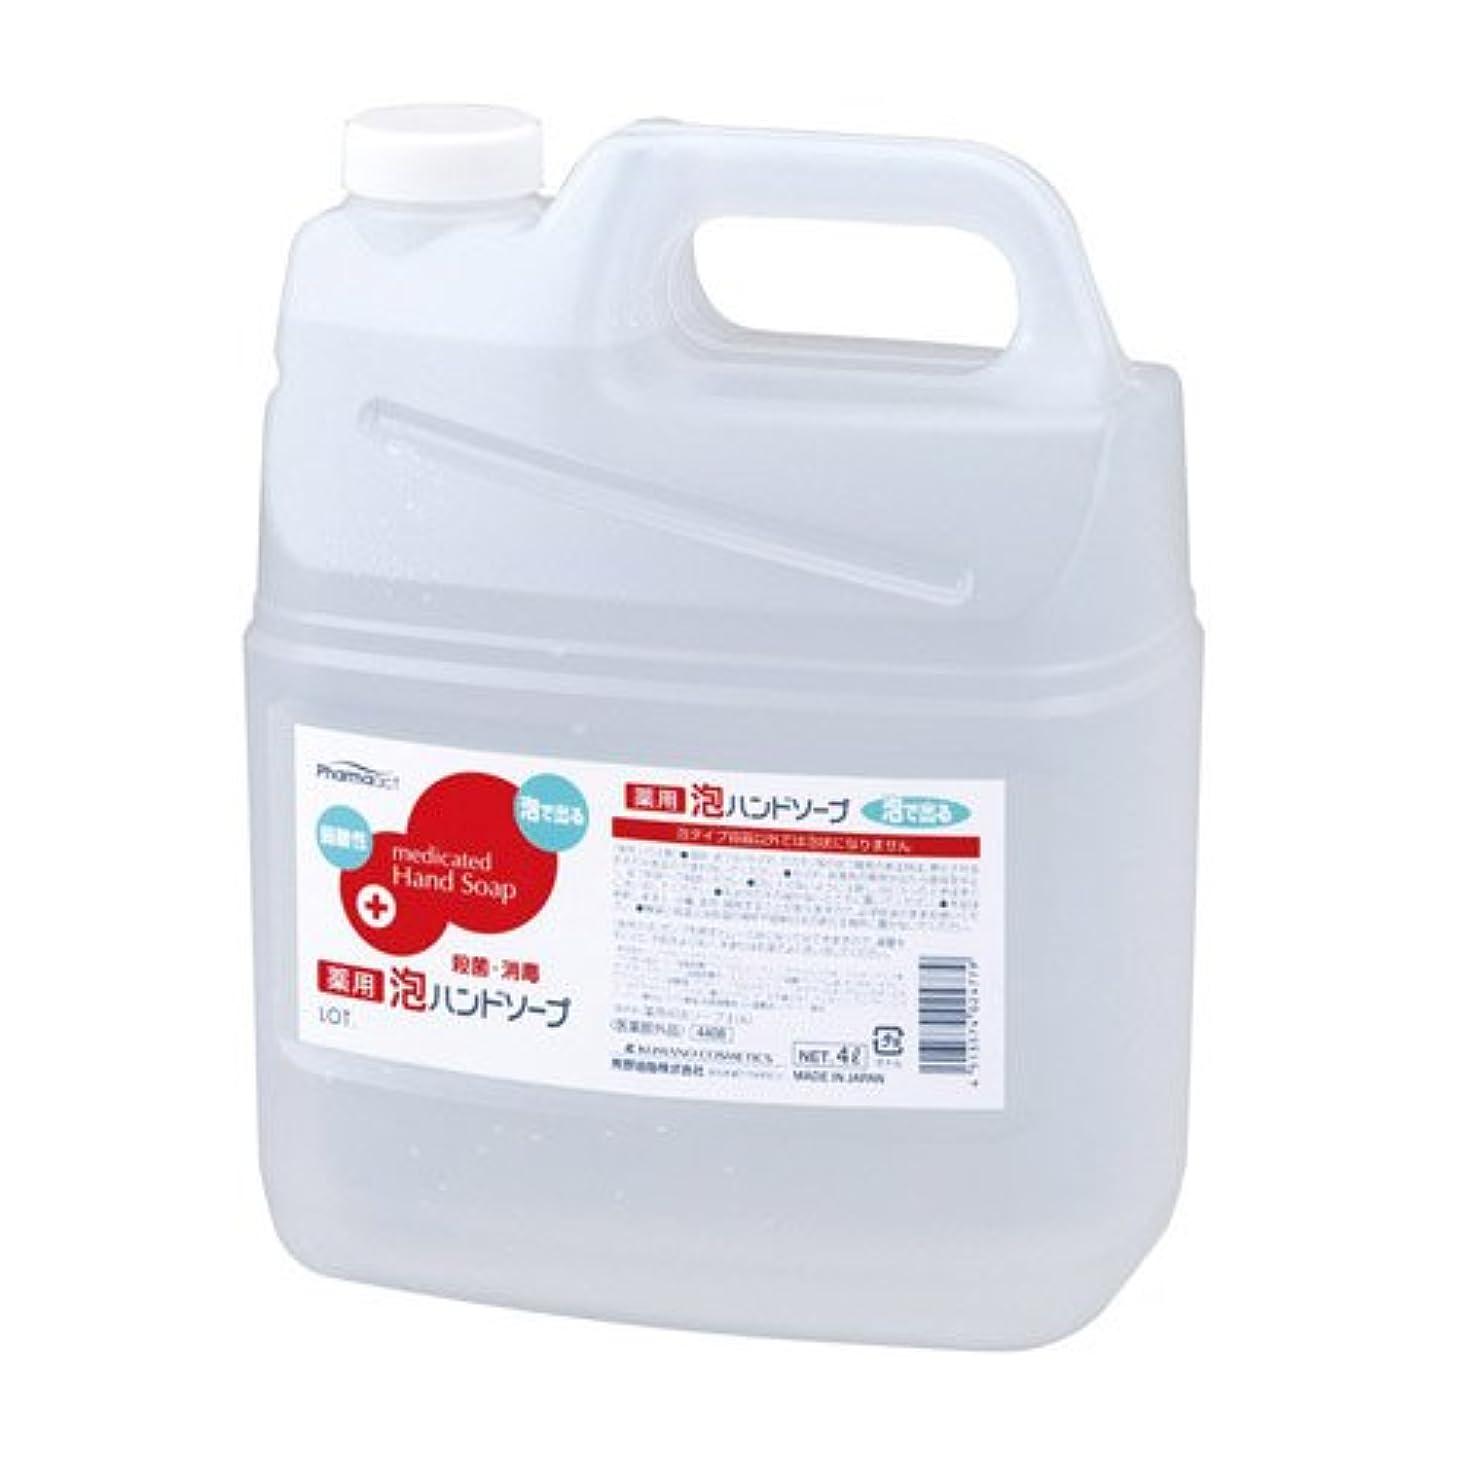 代名詞米国リファインファーマアクト 薬用 泡ハンドソープ 業務用 4L 【医薬部外品】